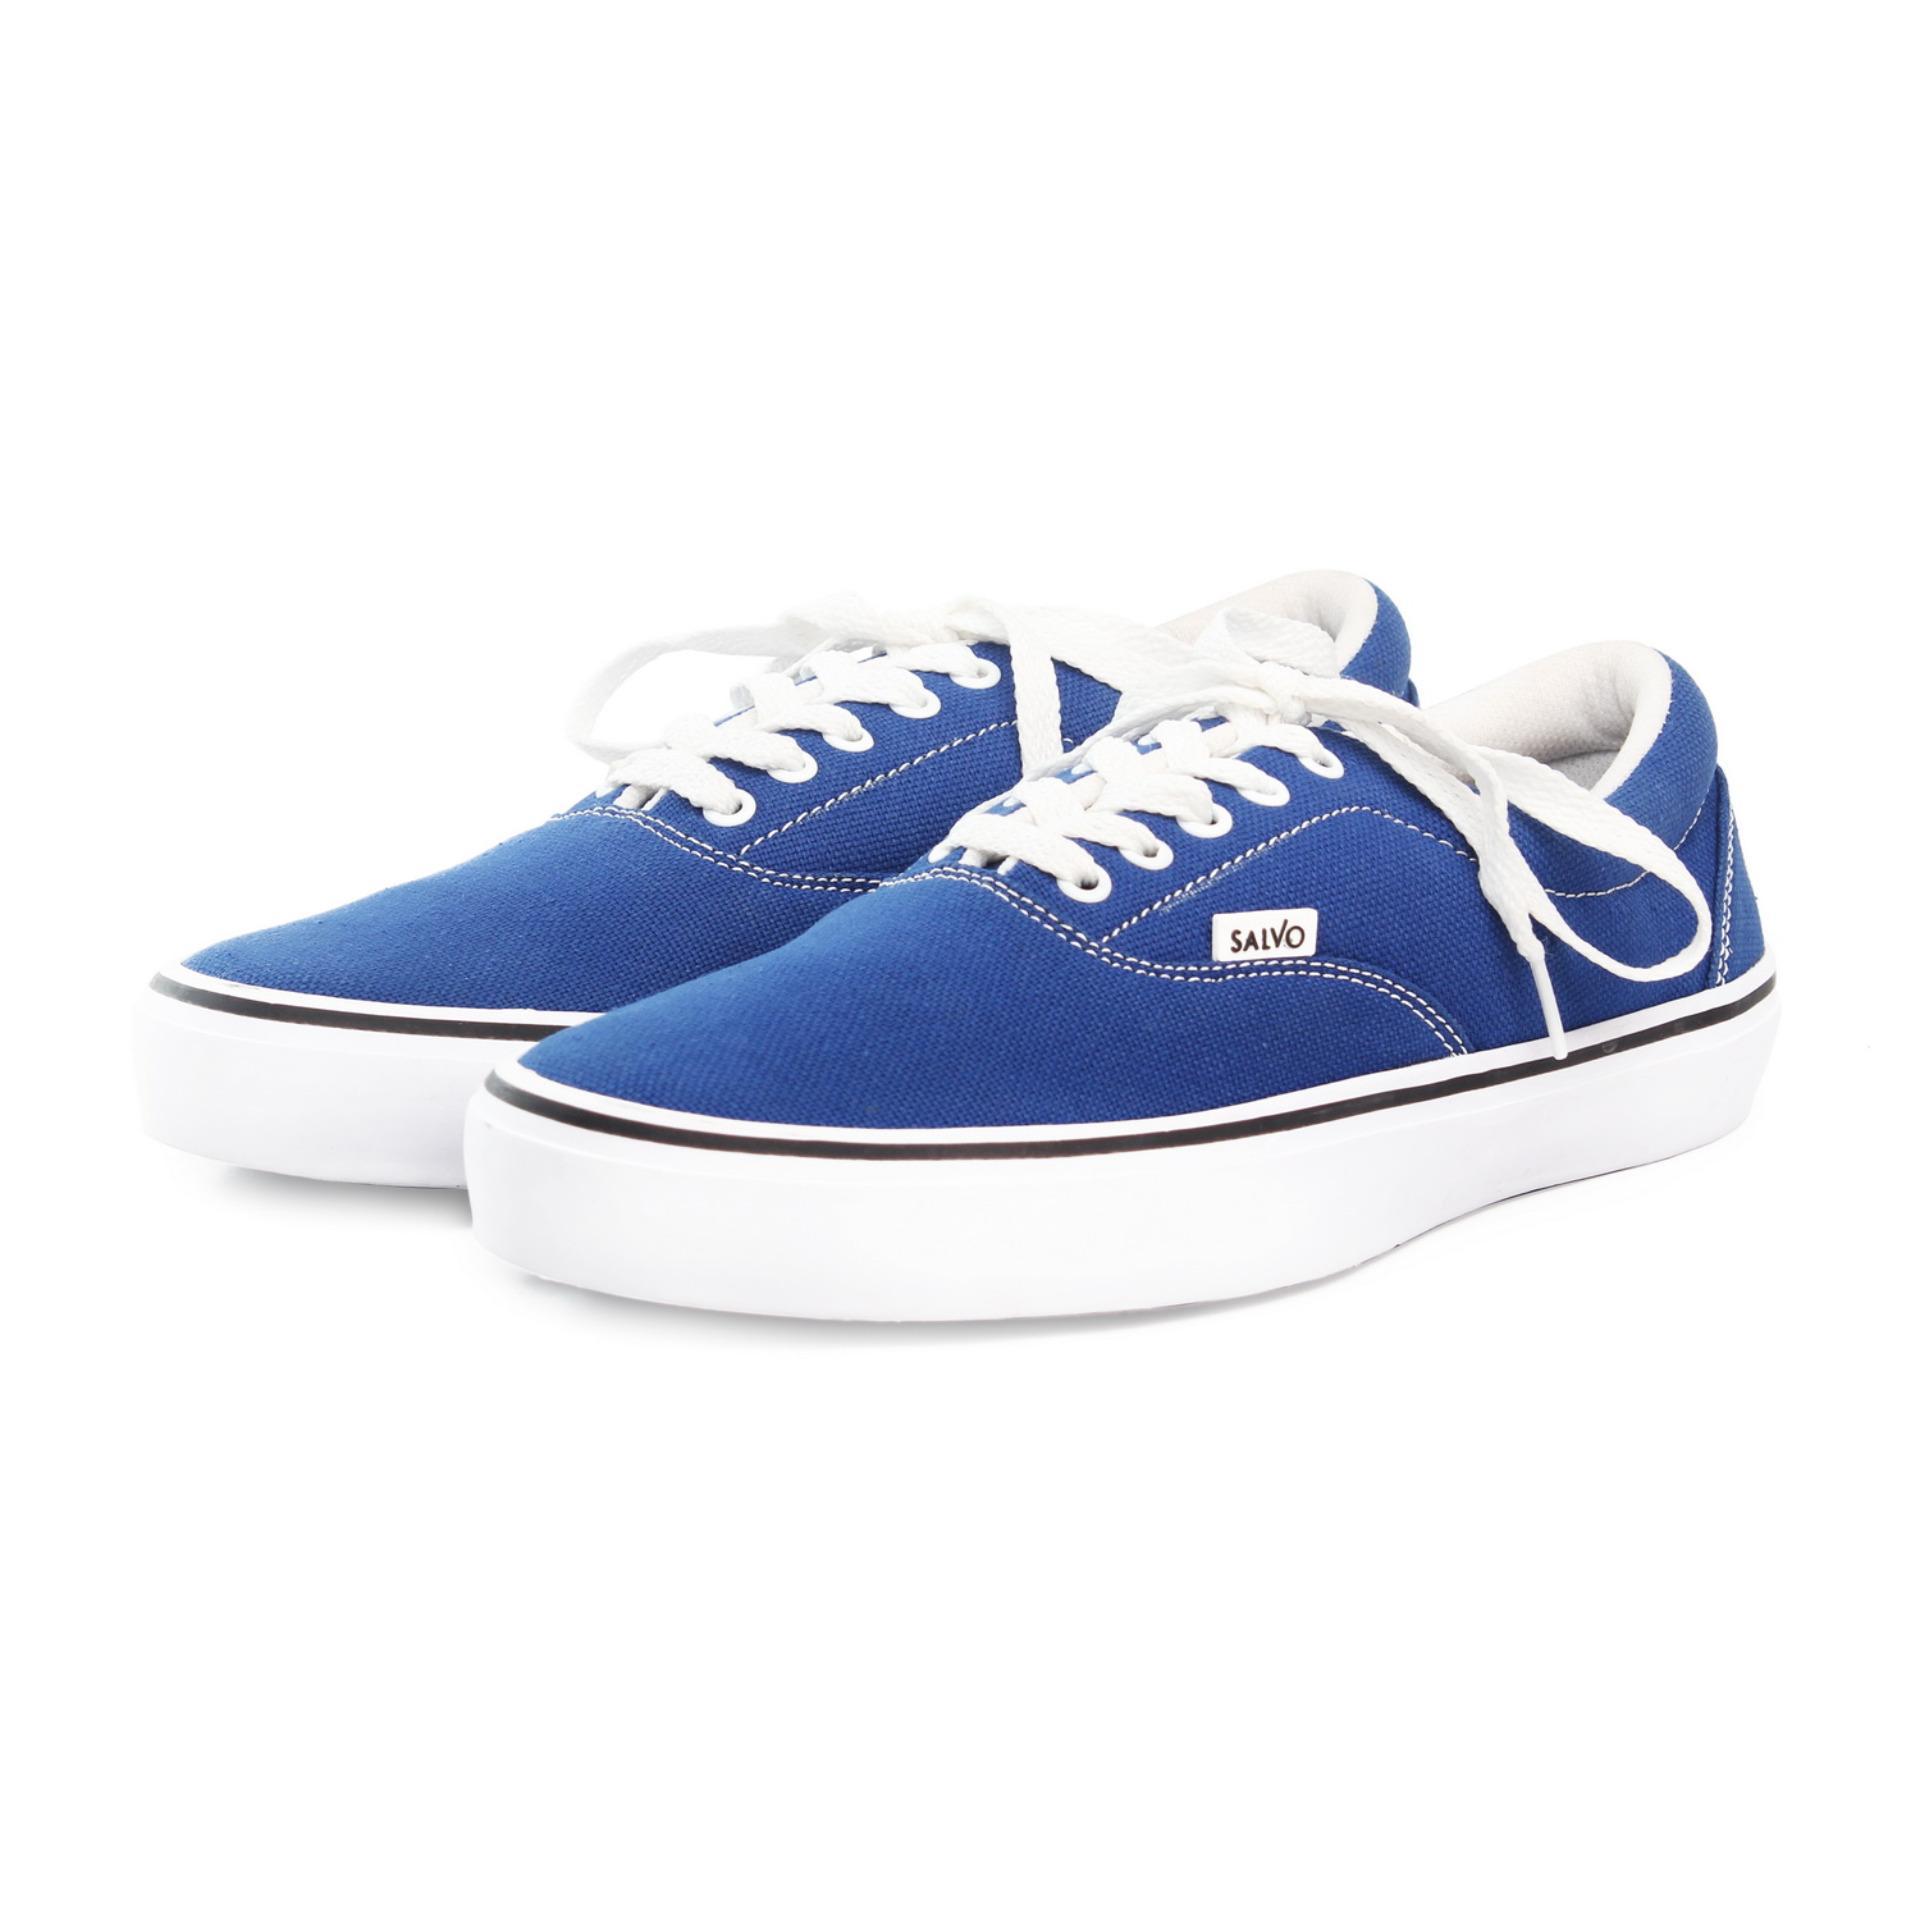 ... Salvo sepatu sneaker pria A03-Biru ...